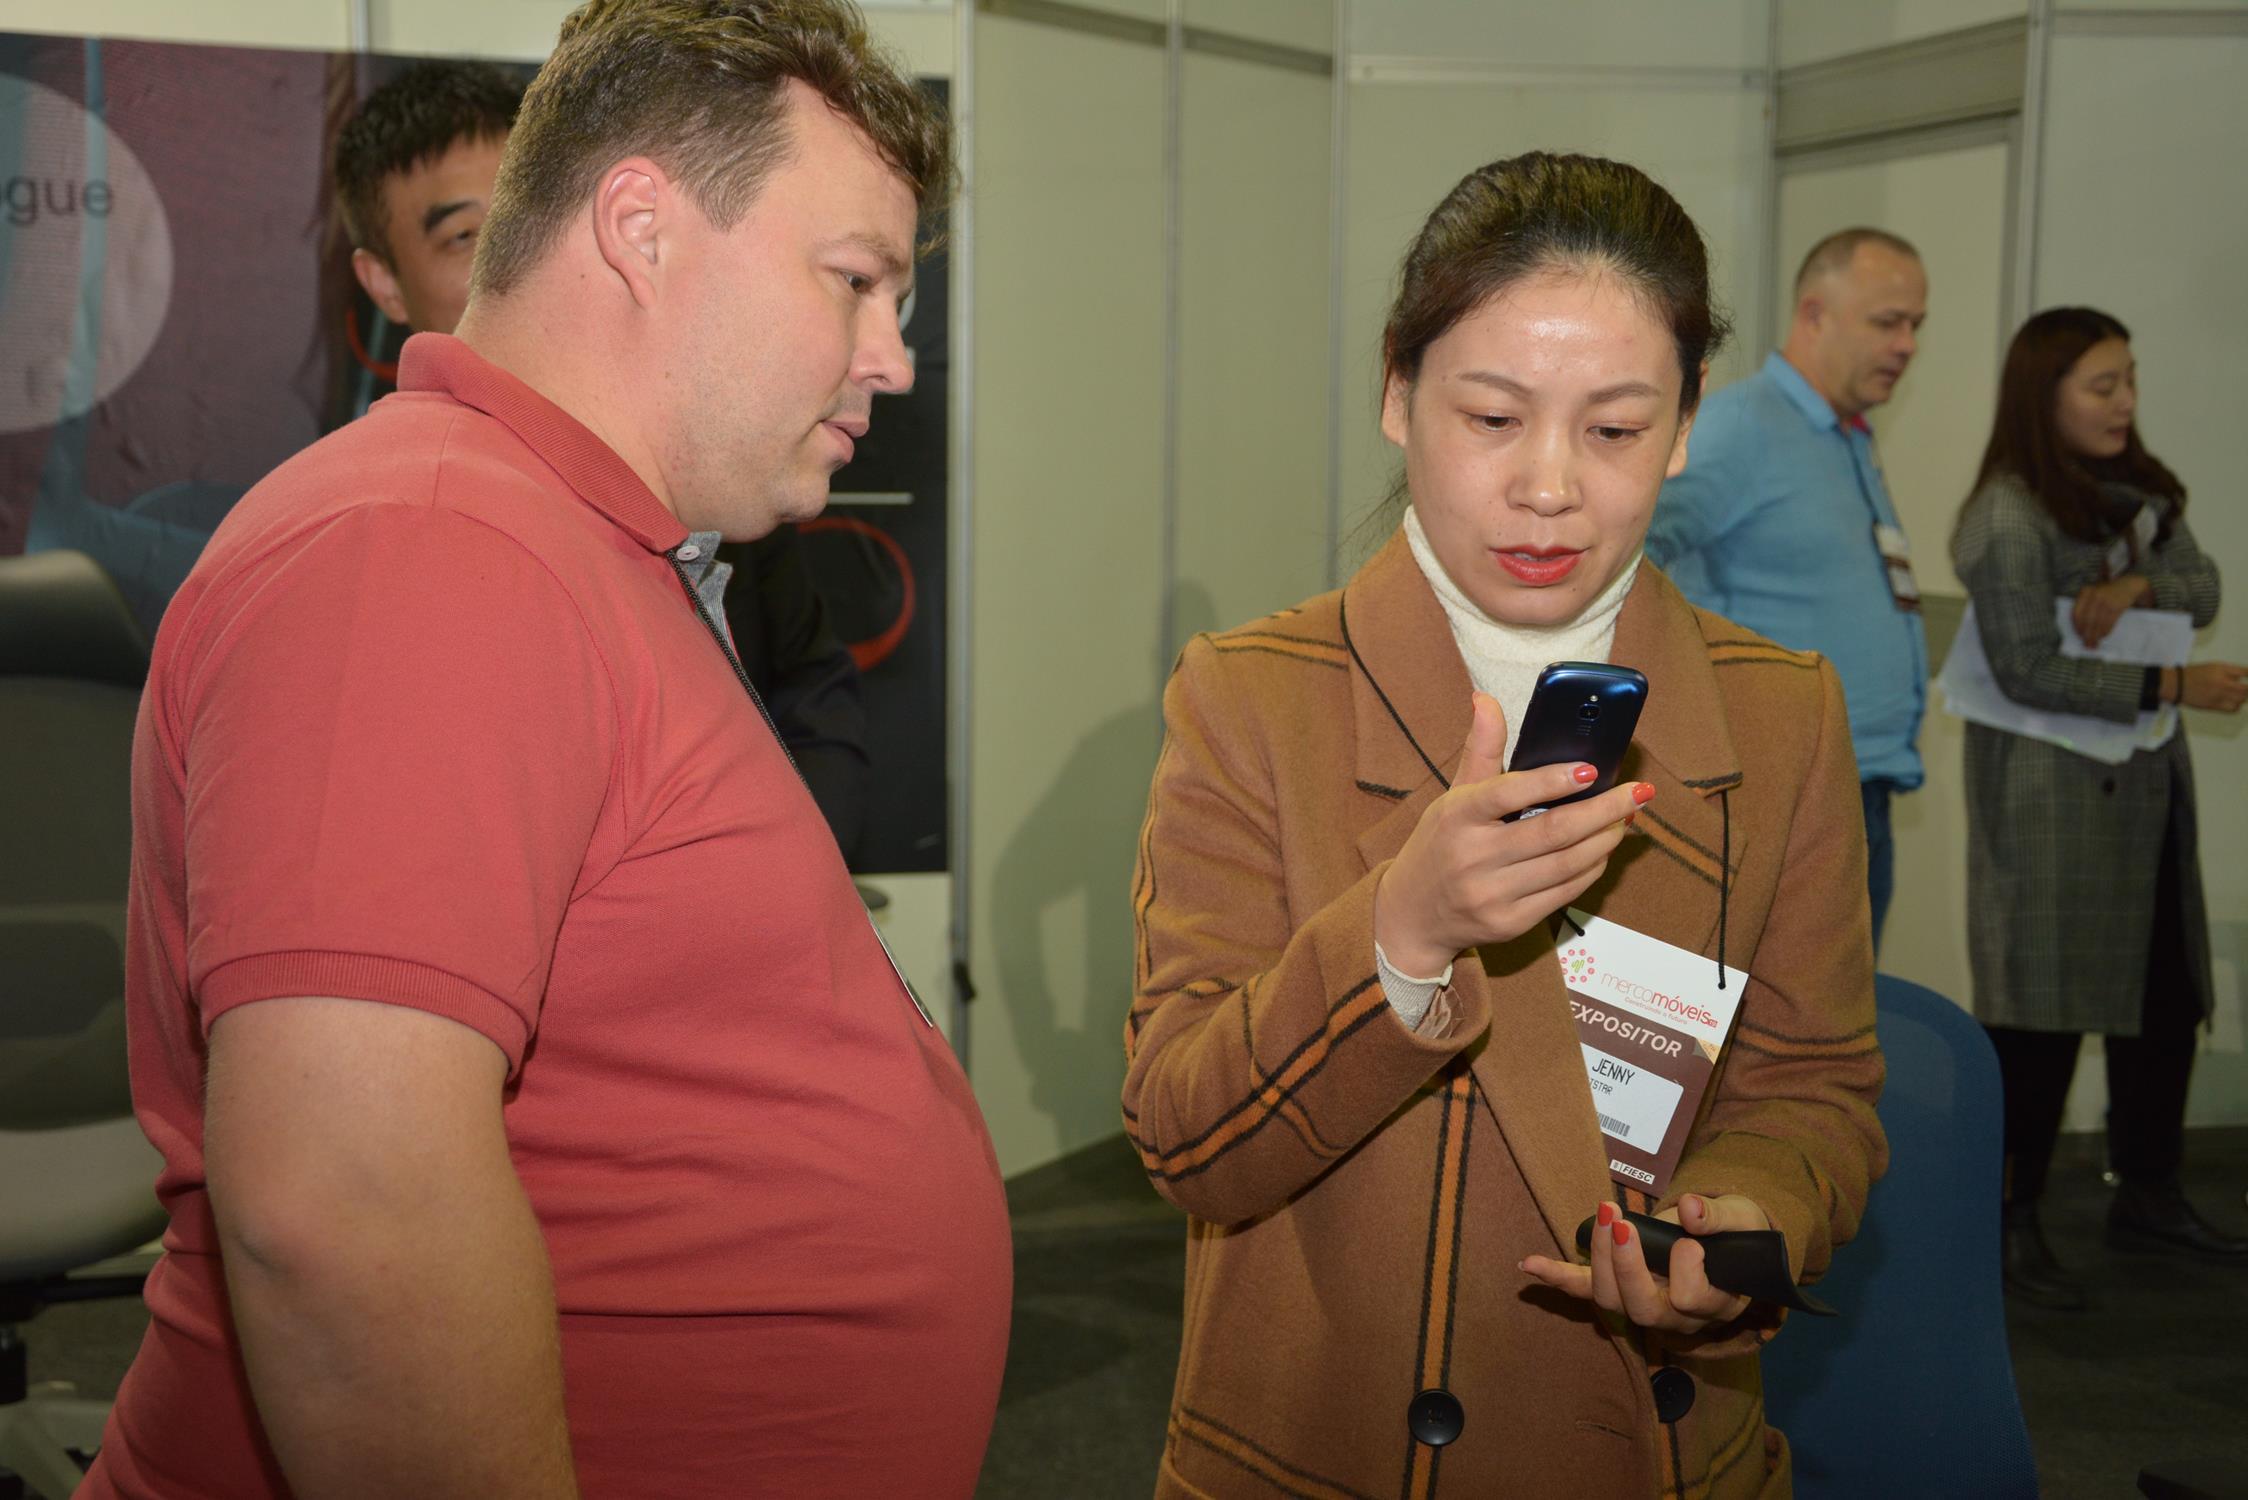 Expositores contam com aparelho que permite tradução simultânea e facilita negócios